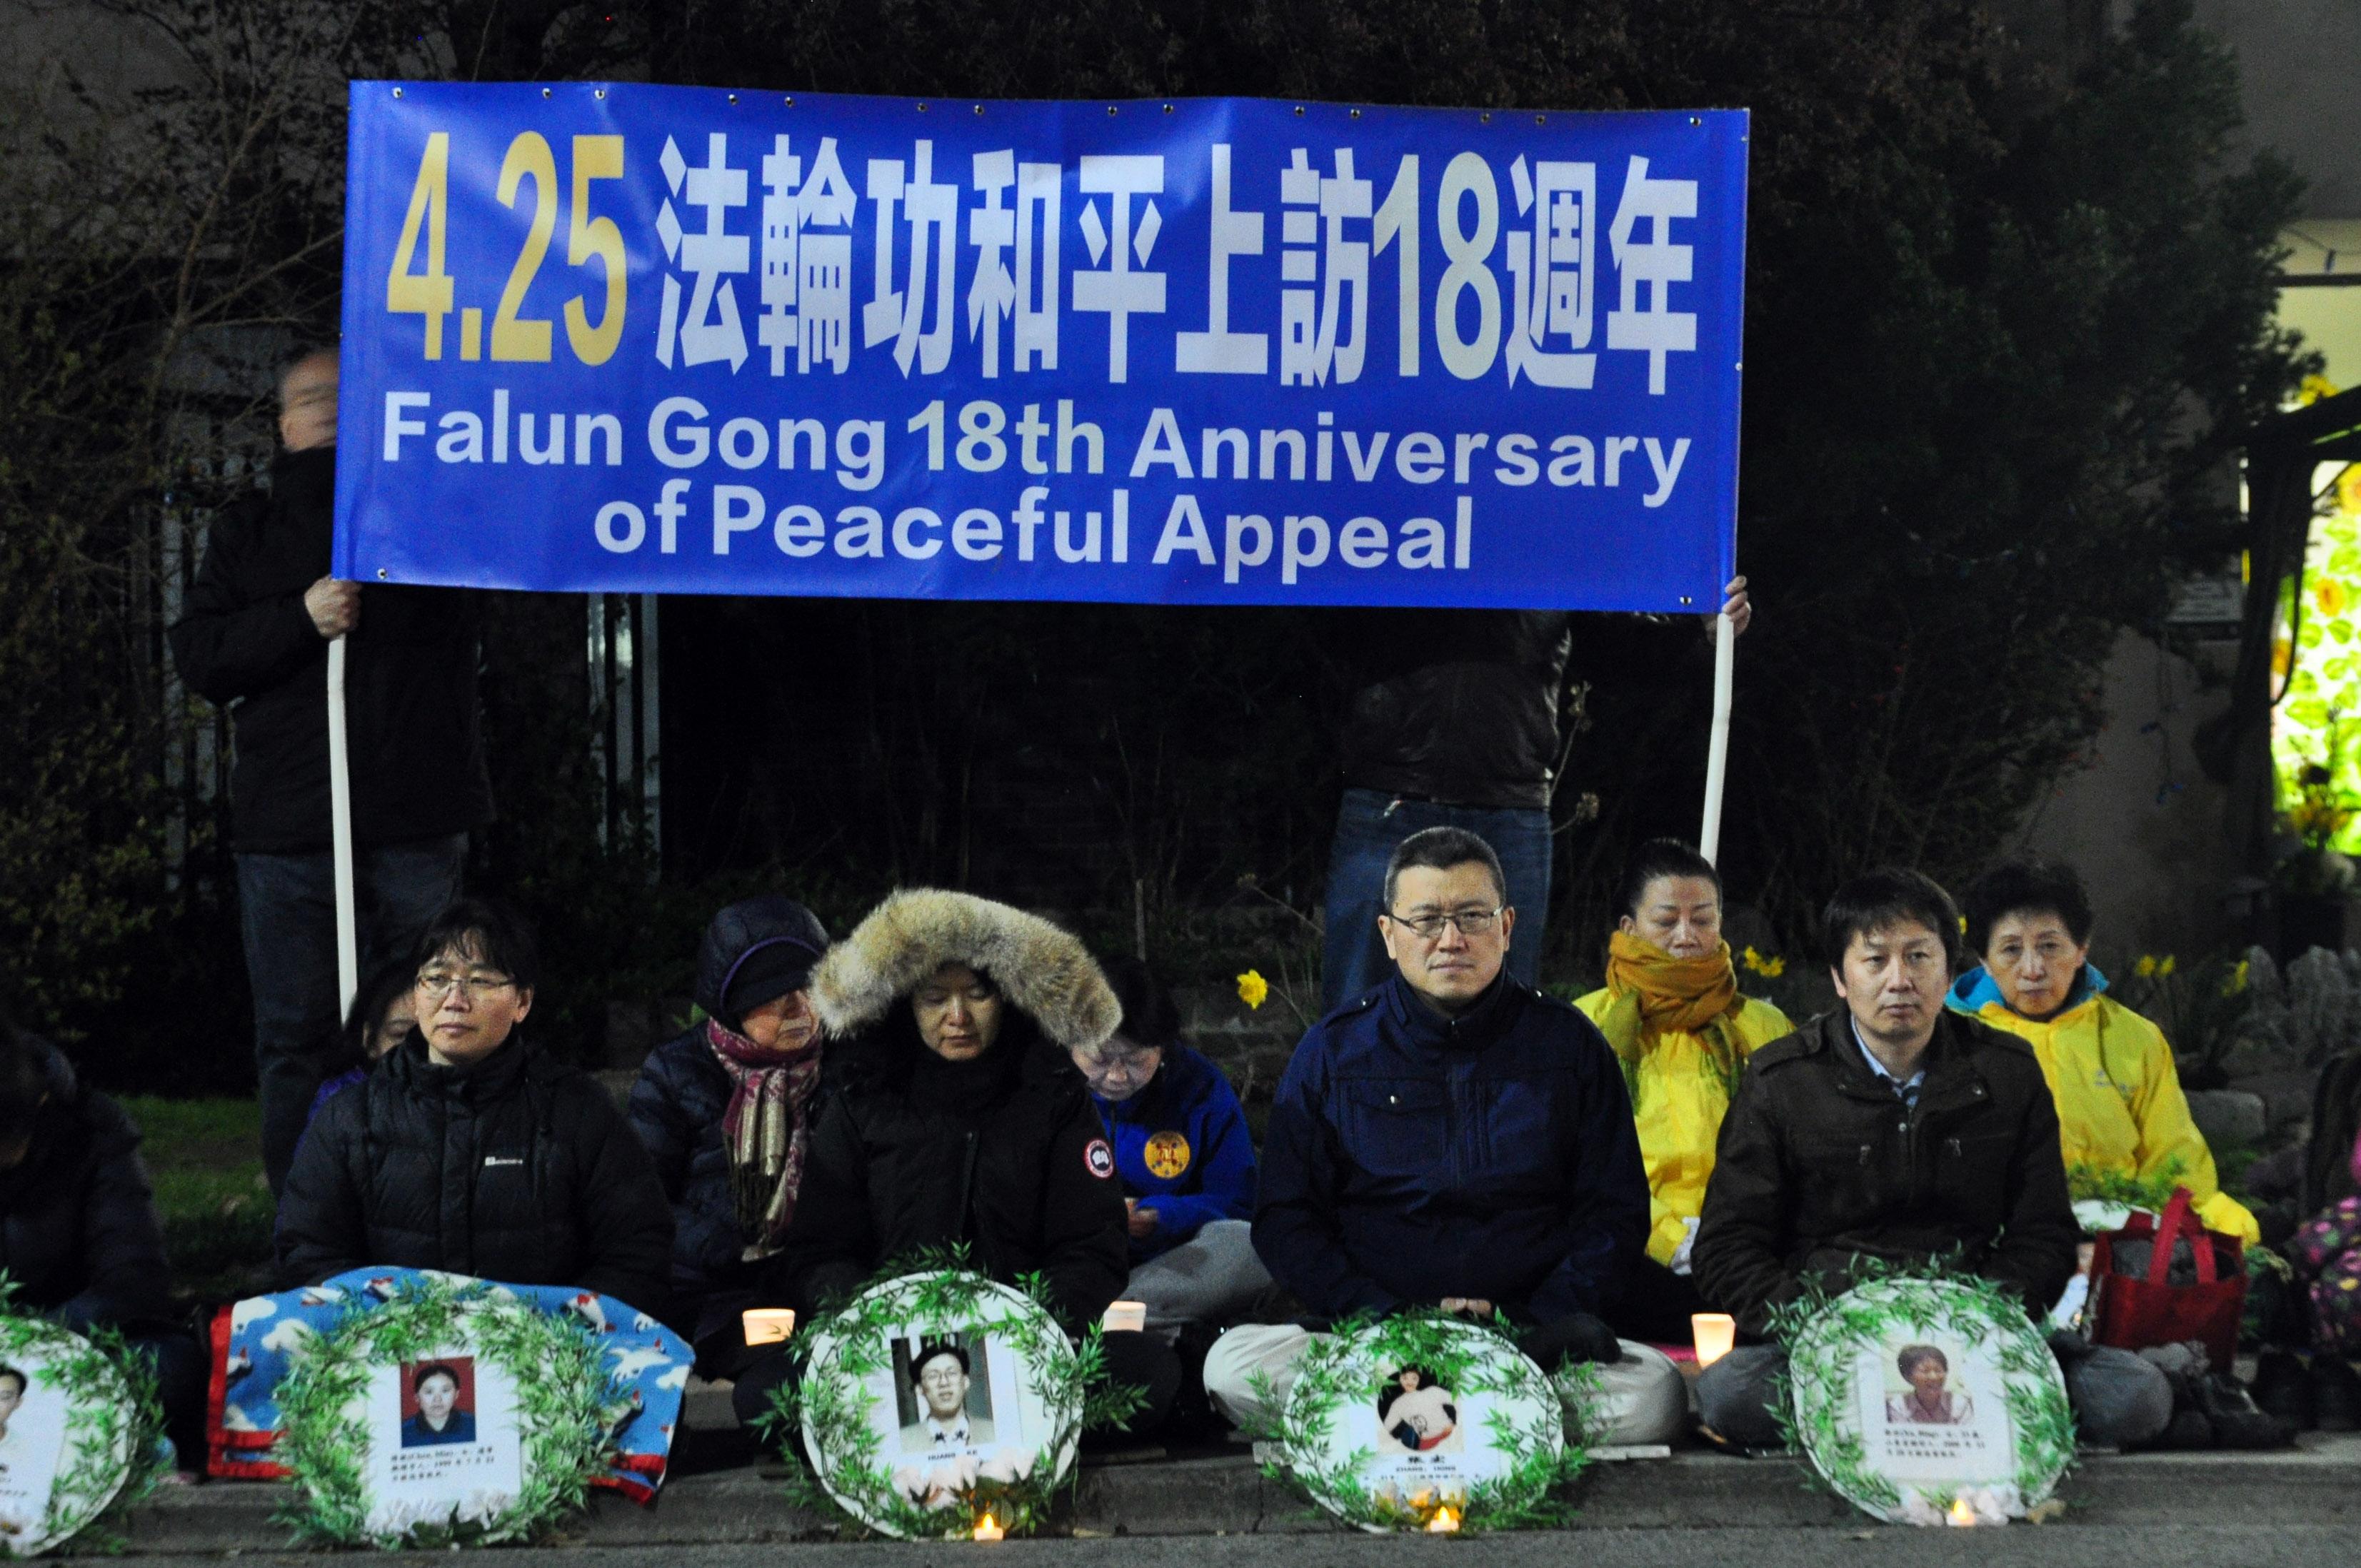 4月25日晚,數百法輪功學員舉行燭光悼念活動,紀念被中共迫害致死的同修。(周行/大紀元)